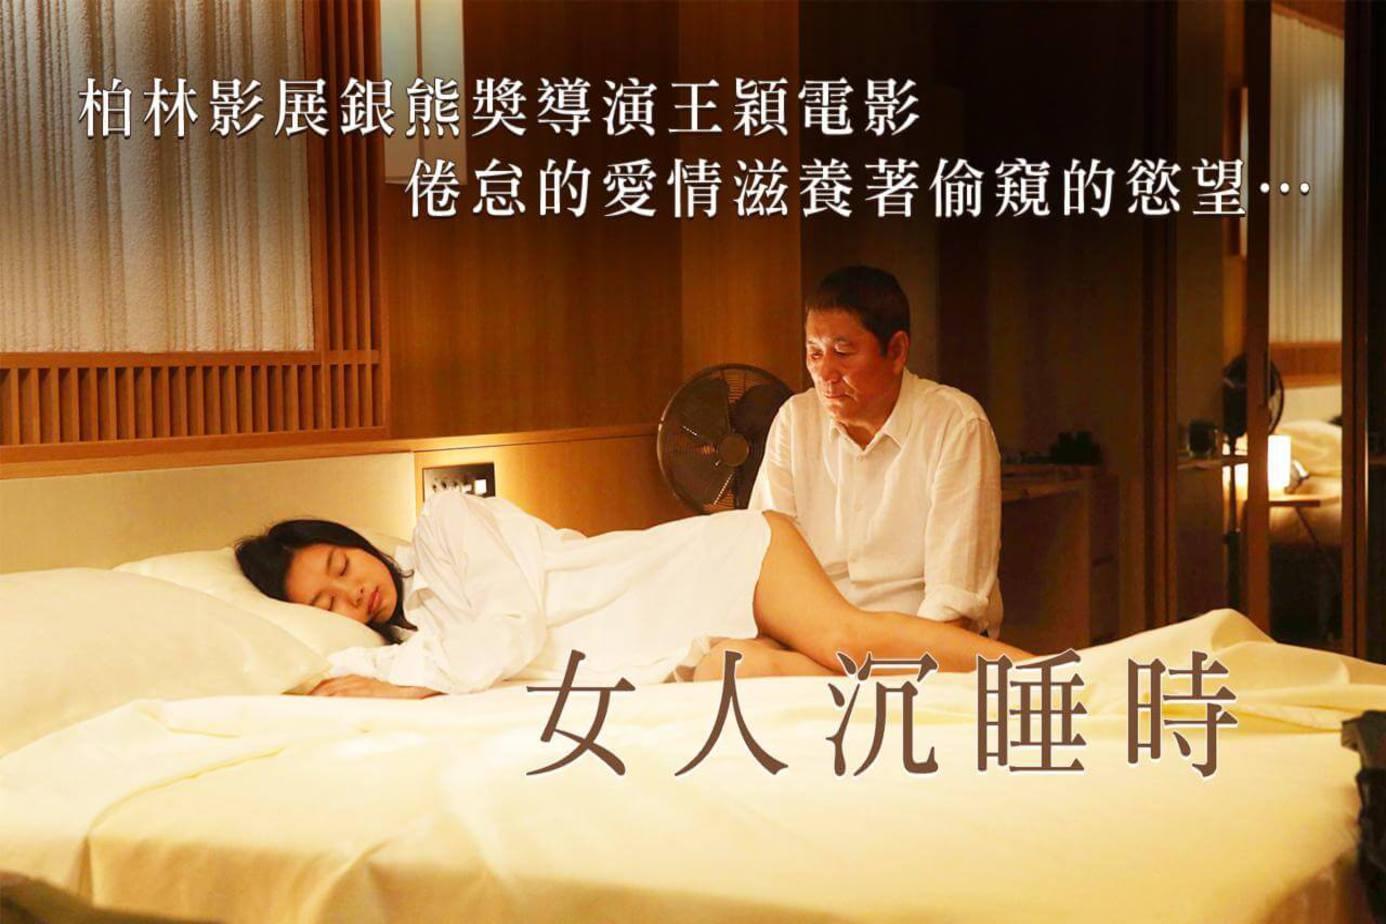 女人沉睡時